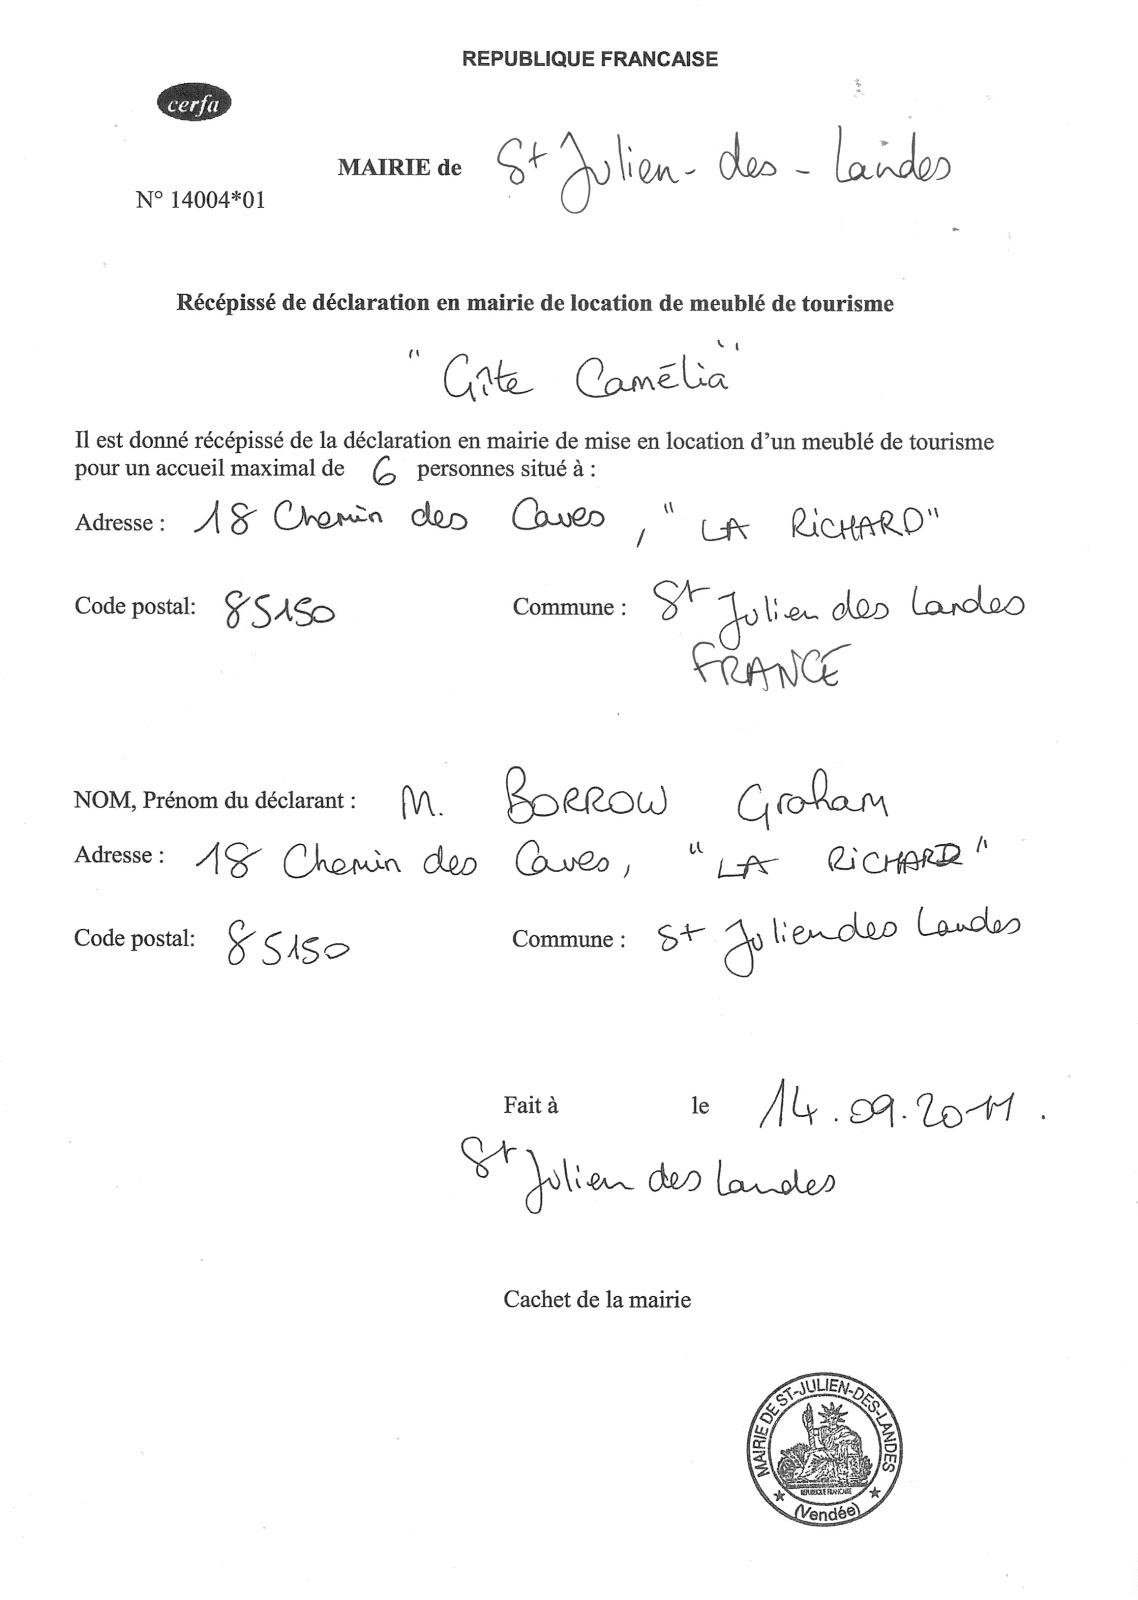 Gites du parc vend e france g tes location holiday - Declaration en mairie des meubles de tourisme ...